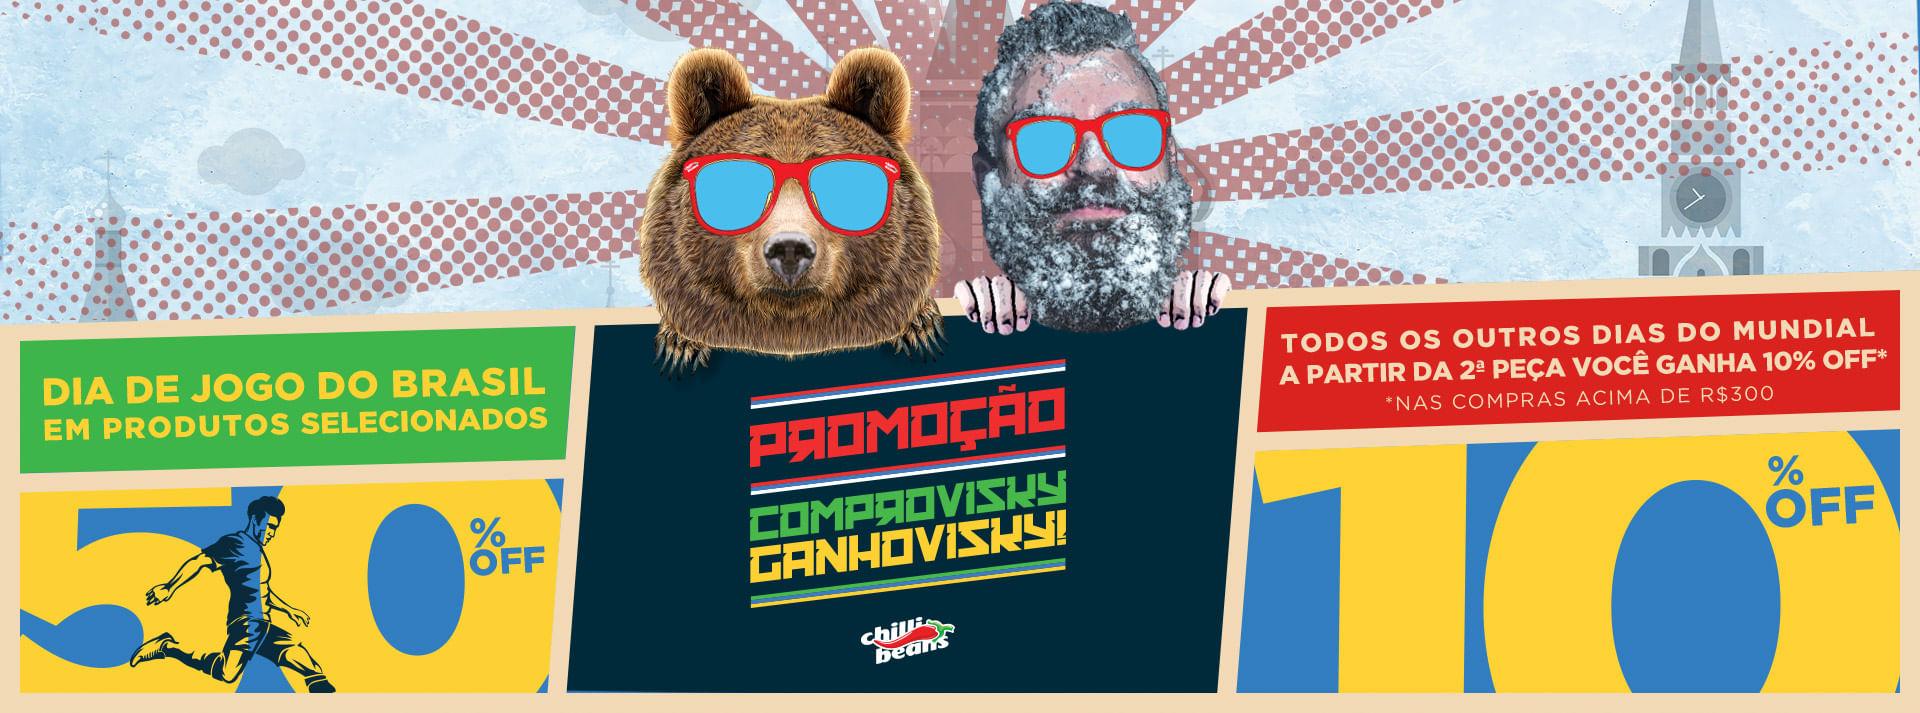 f672b36ac7f Promoção Compro VizKy Ganho VizKy